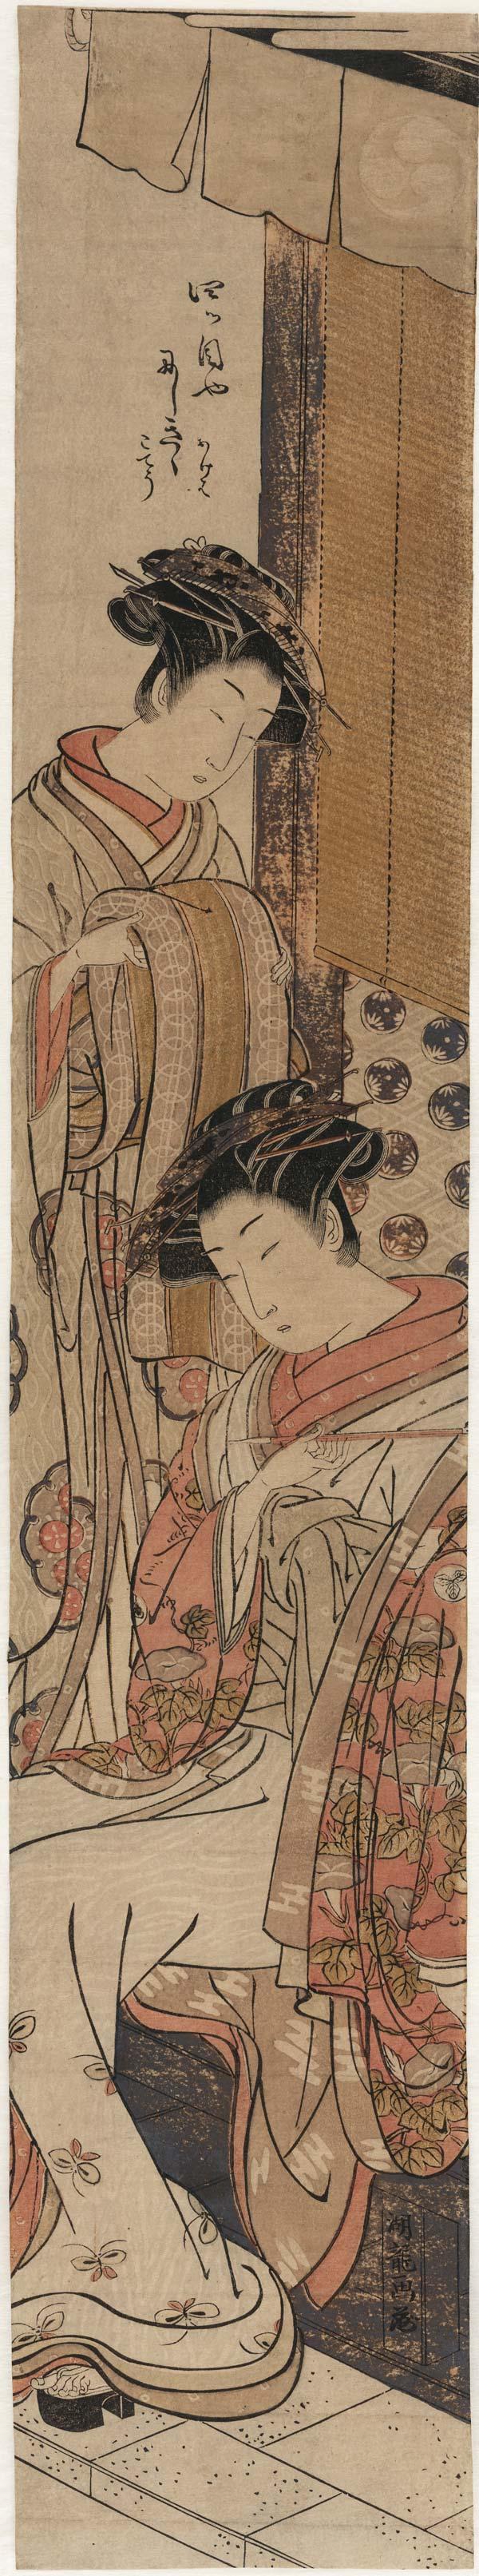 Fine-print japonesa criado/publicado entre 1775 e 1778